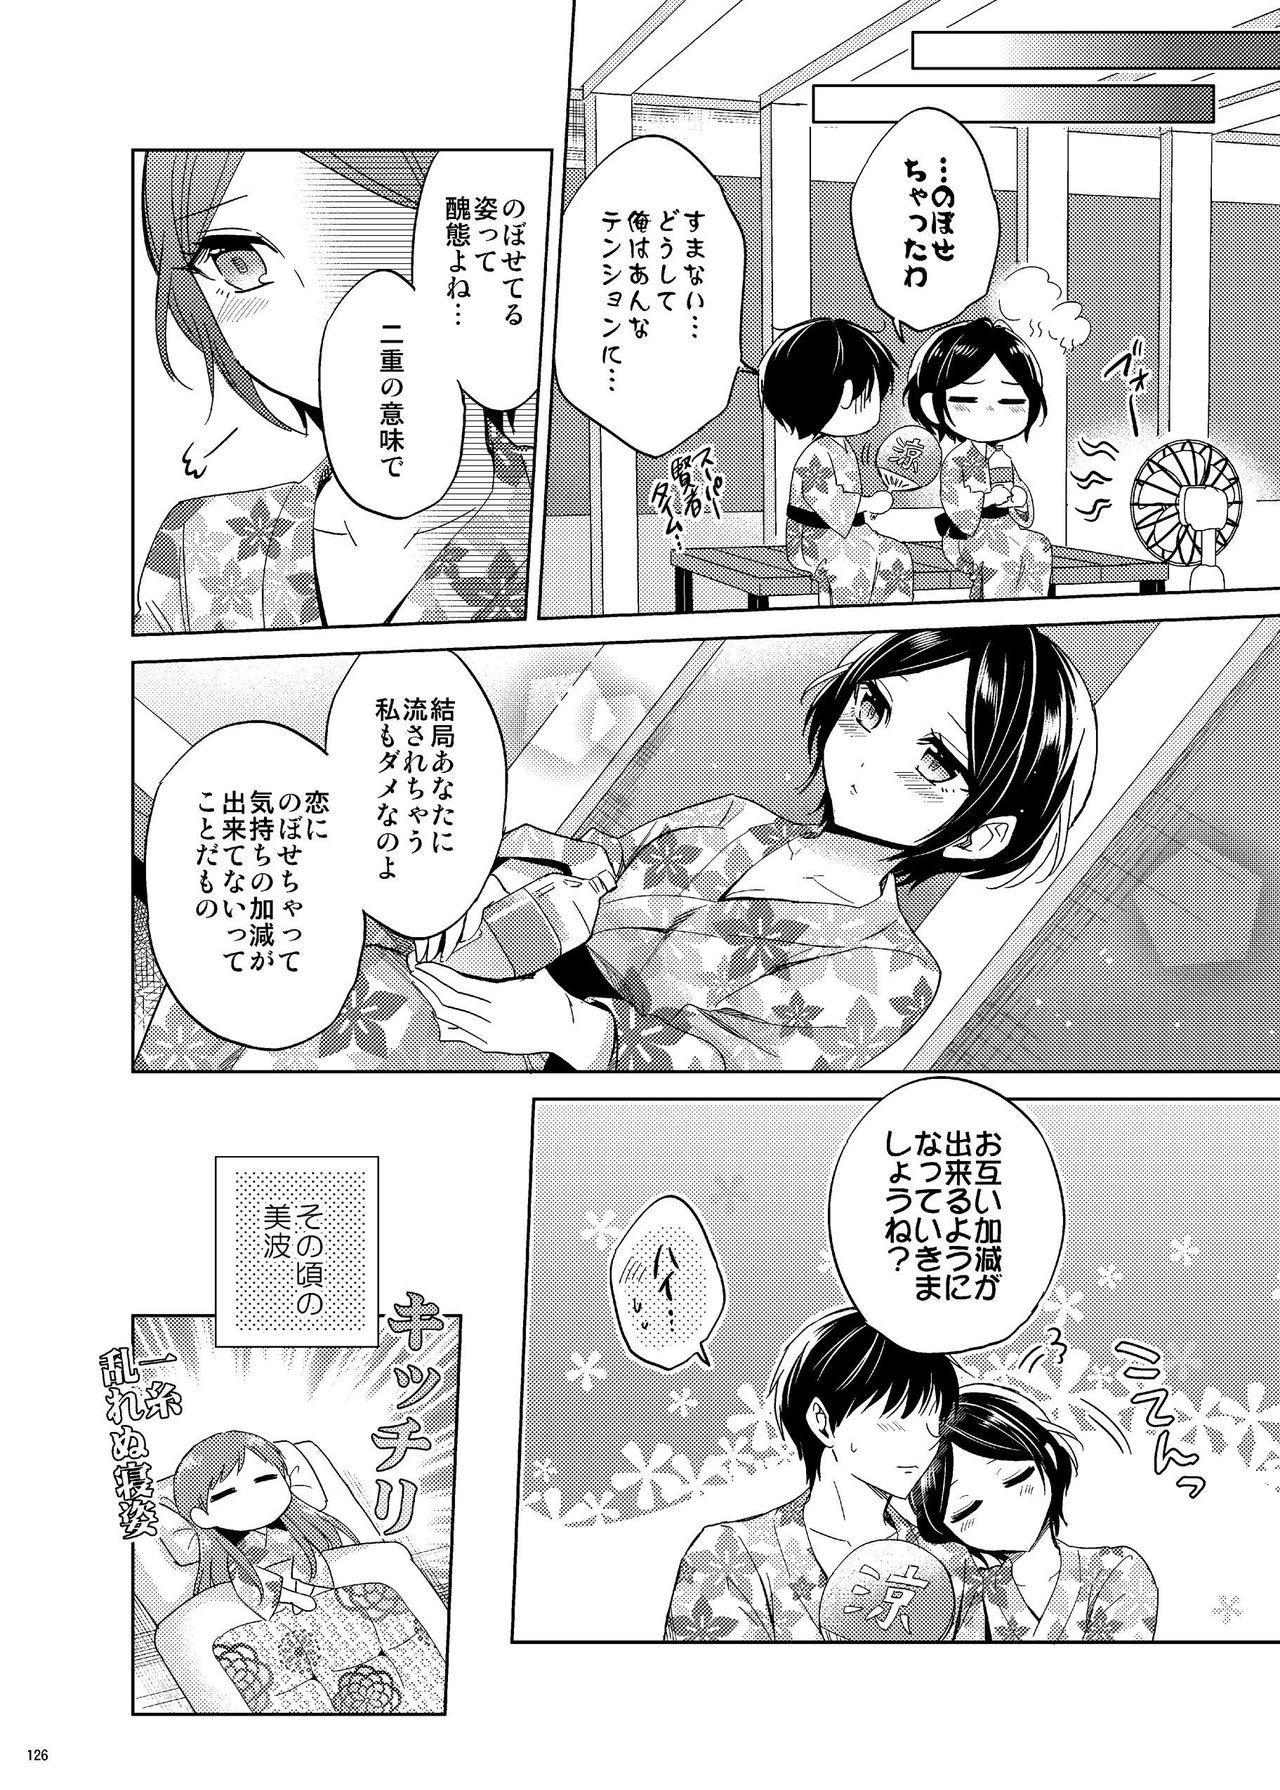 Hayami Kanade Soushuuhen 2014-15 『Black Cinderella』 121